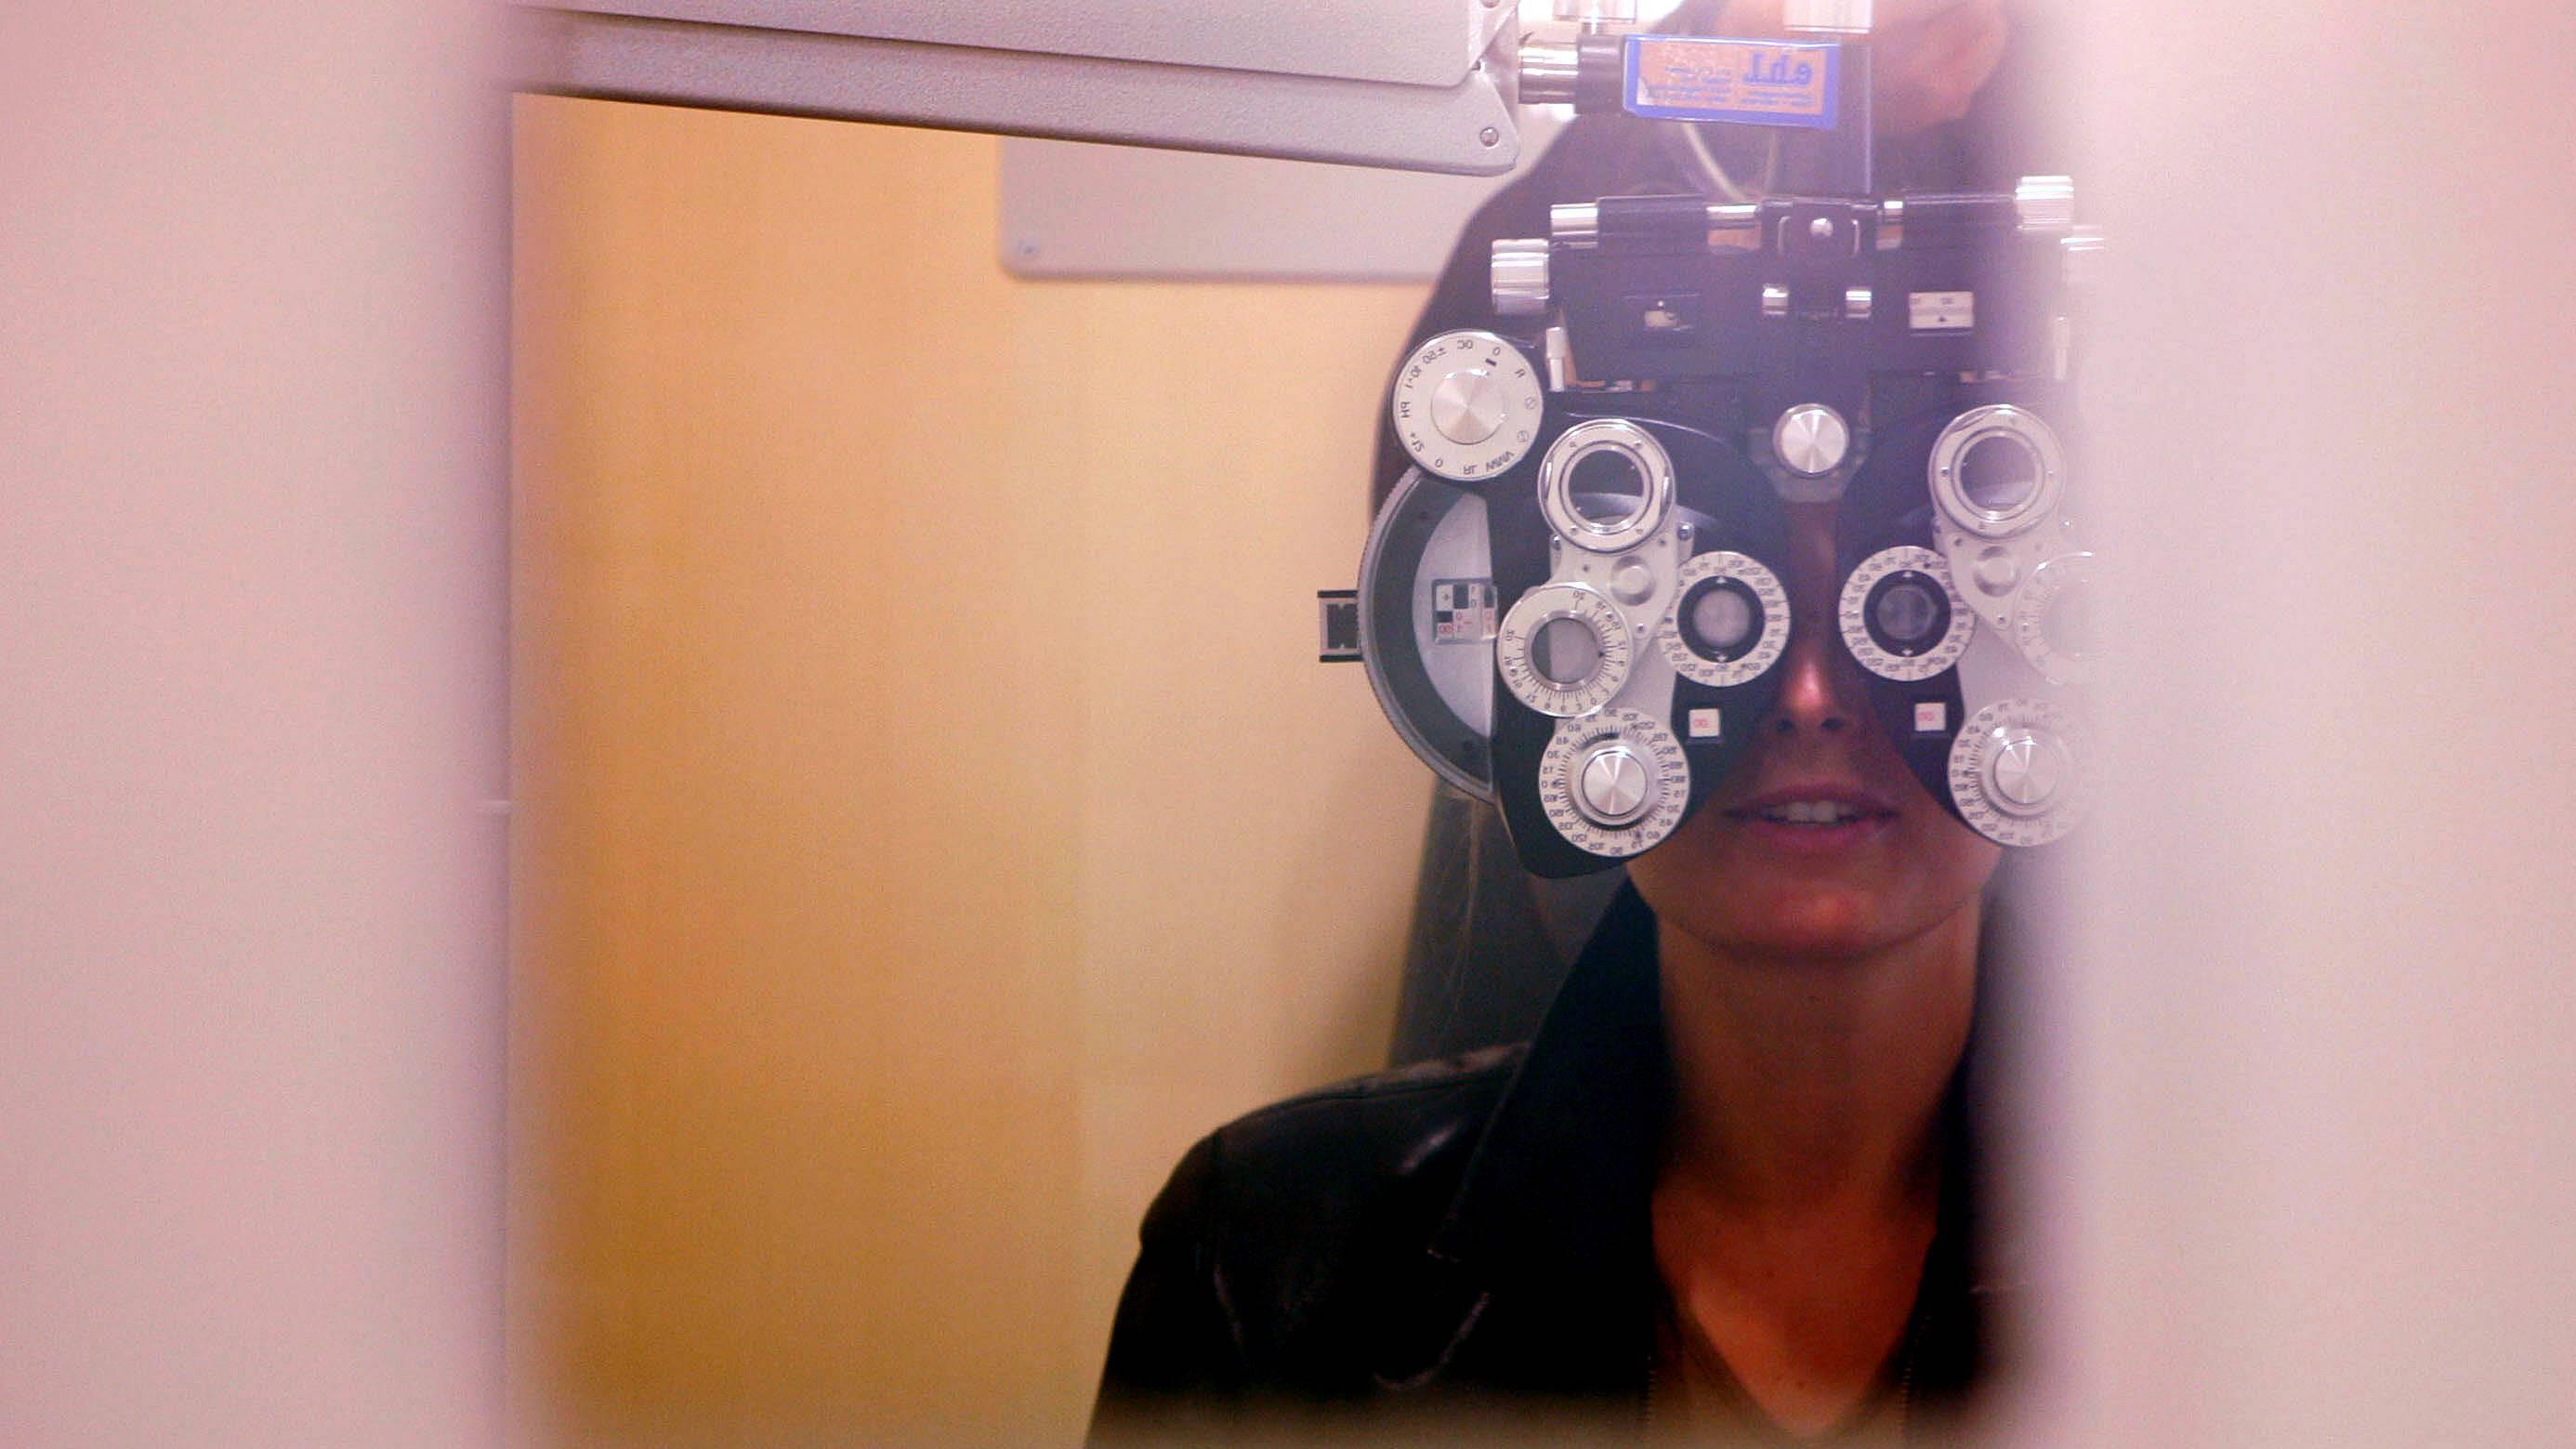 Sehen Sie besser, wenn Sie Ihre Augen zusammenkneifen, sollten Sie Ihre Sehstärke überprüfen lassen.